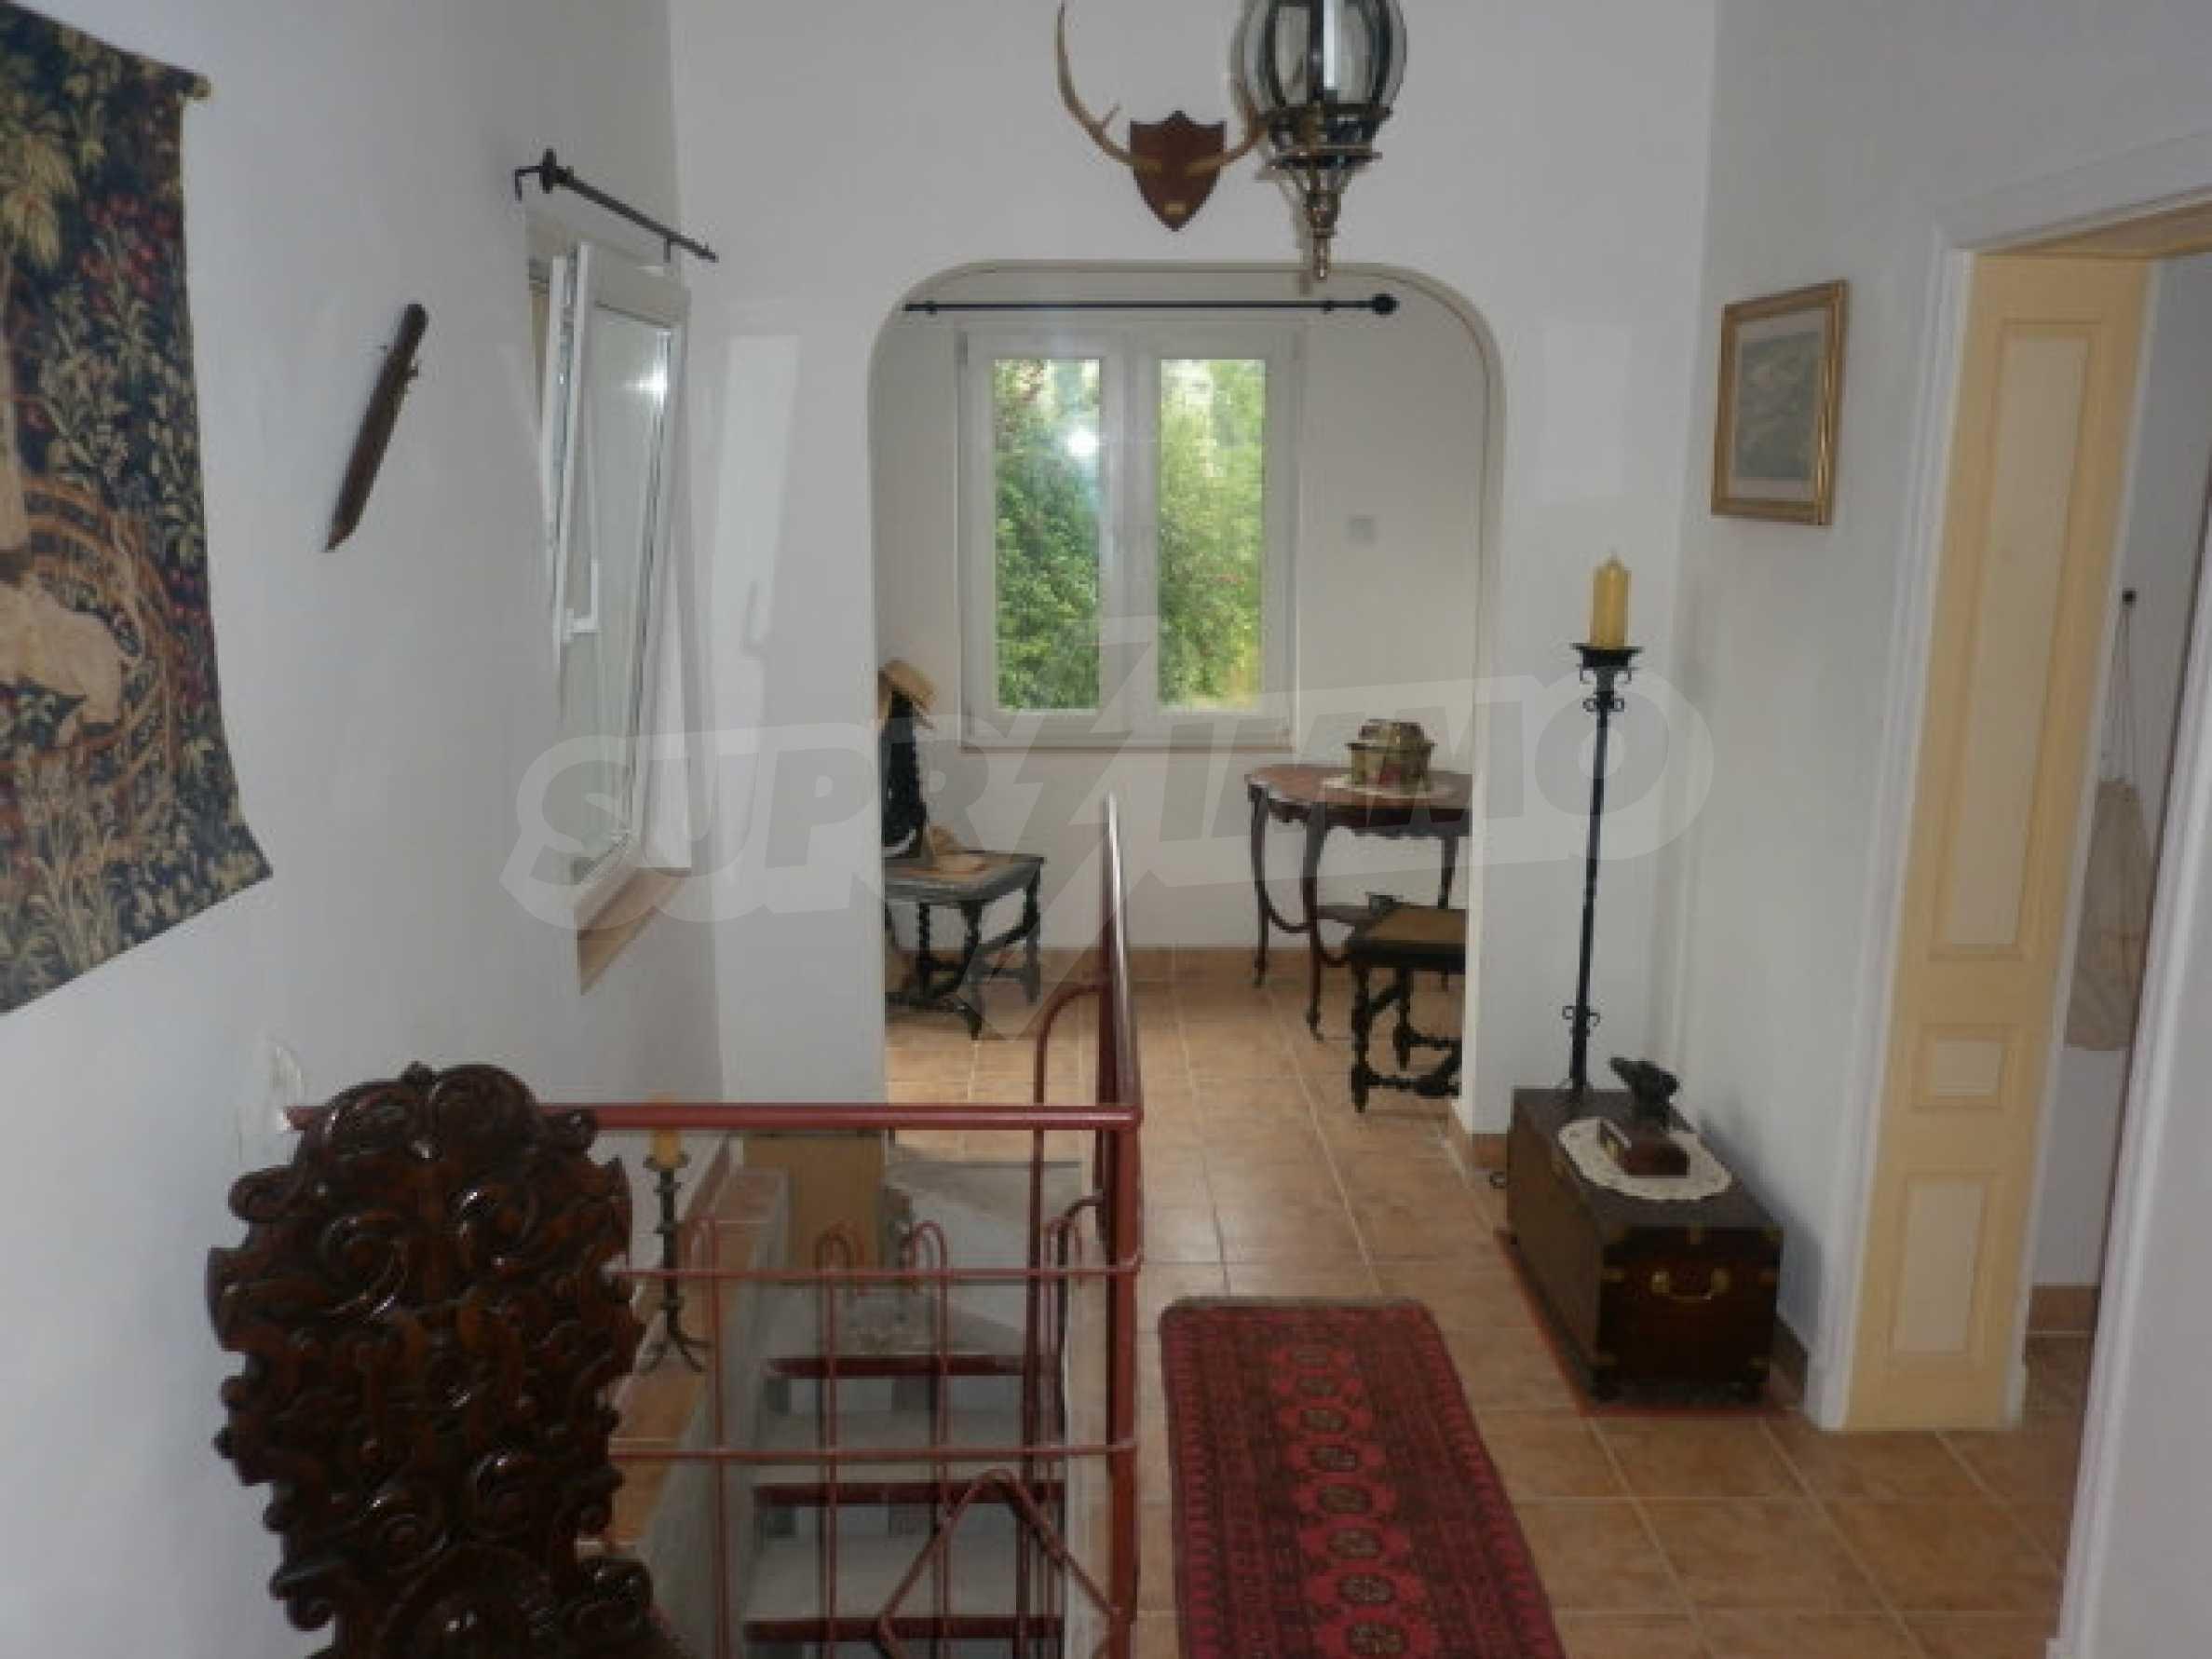 Большой дом в прекрасном состоянии возле города Враца 4